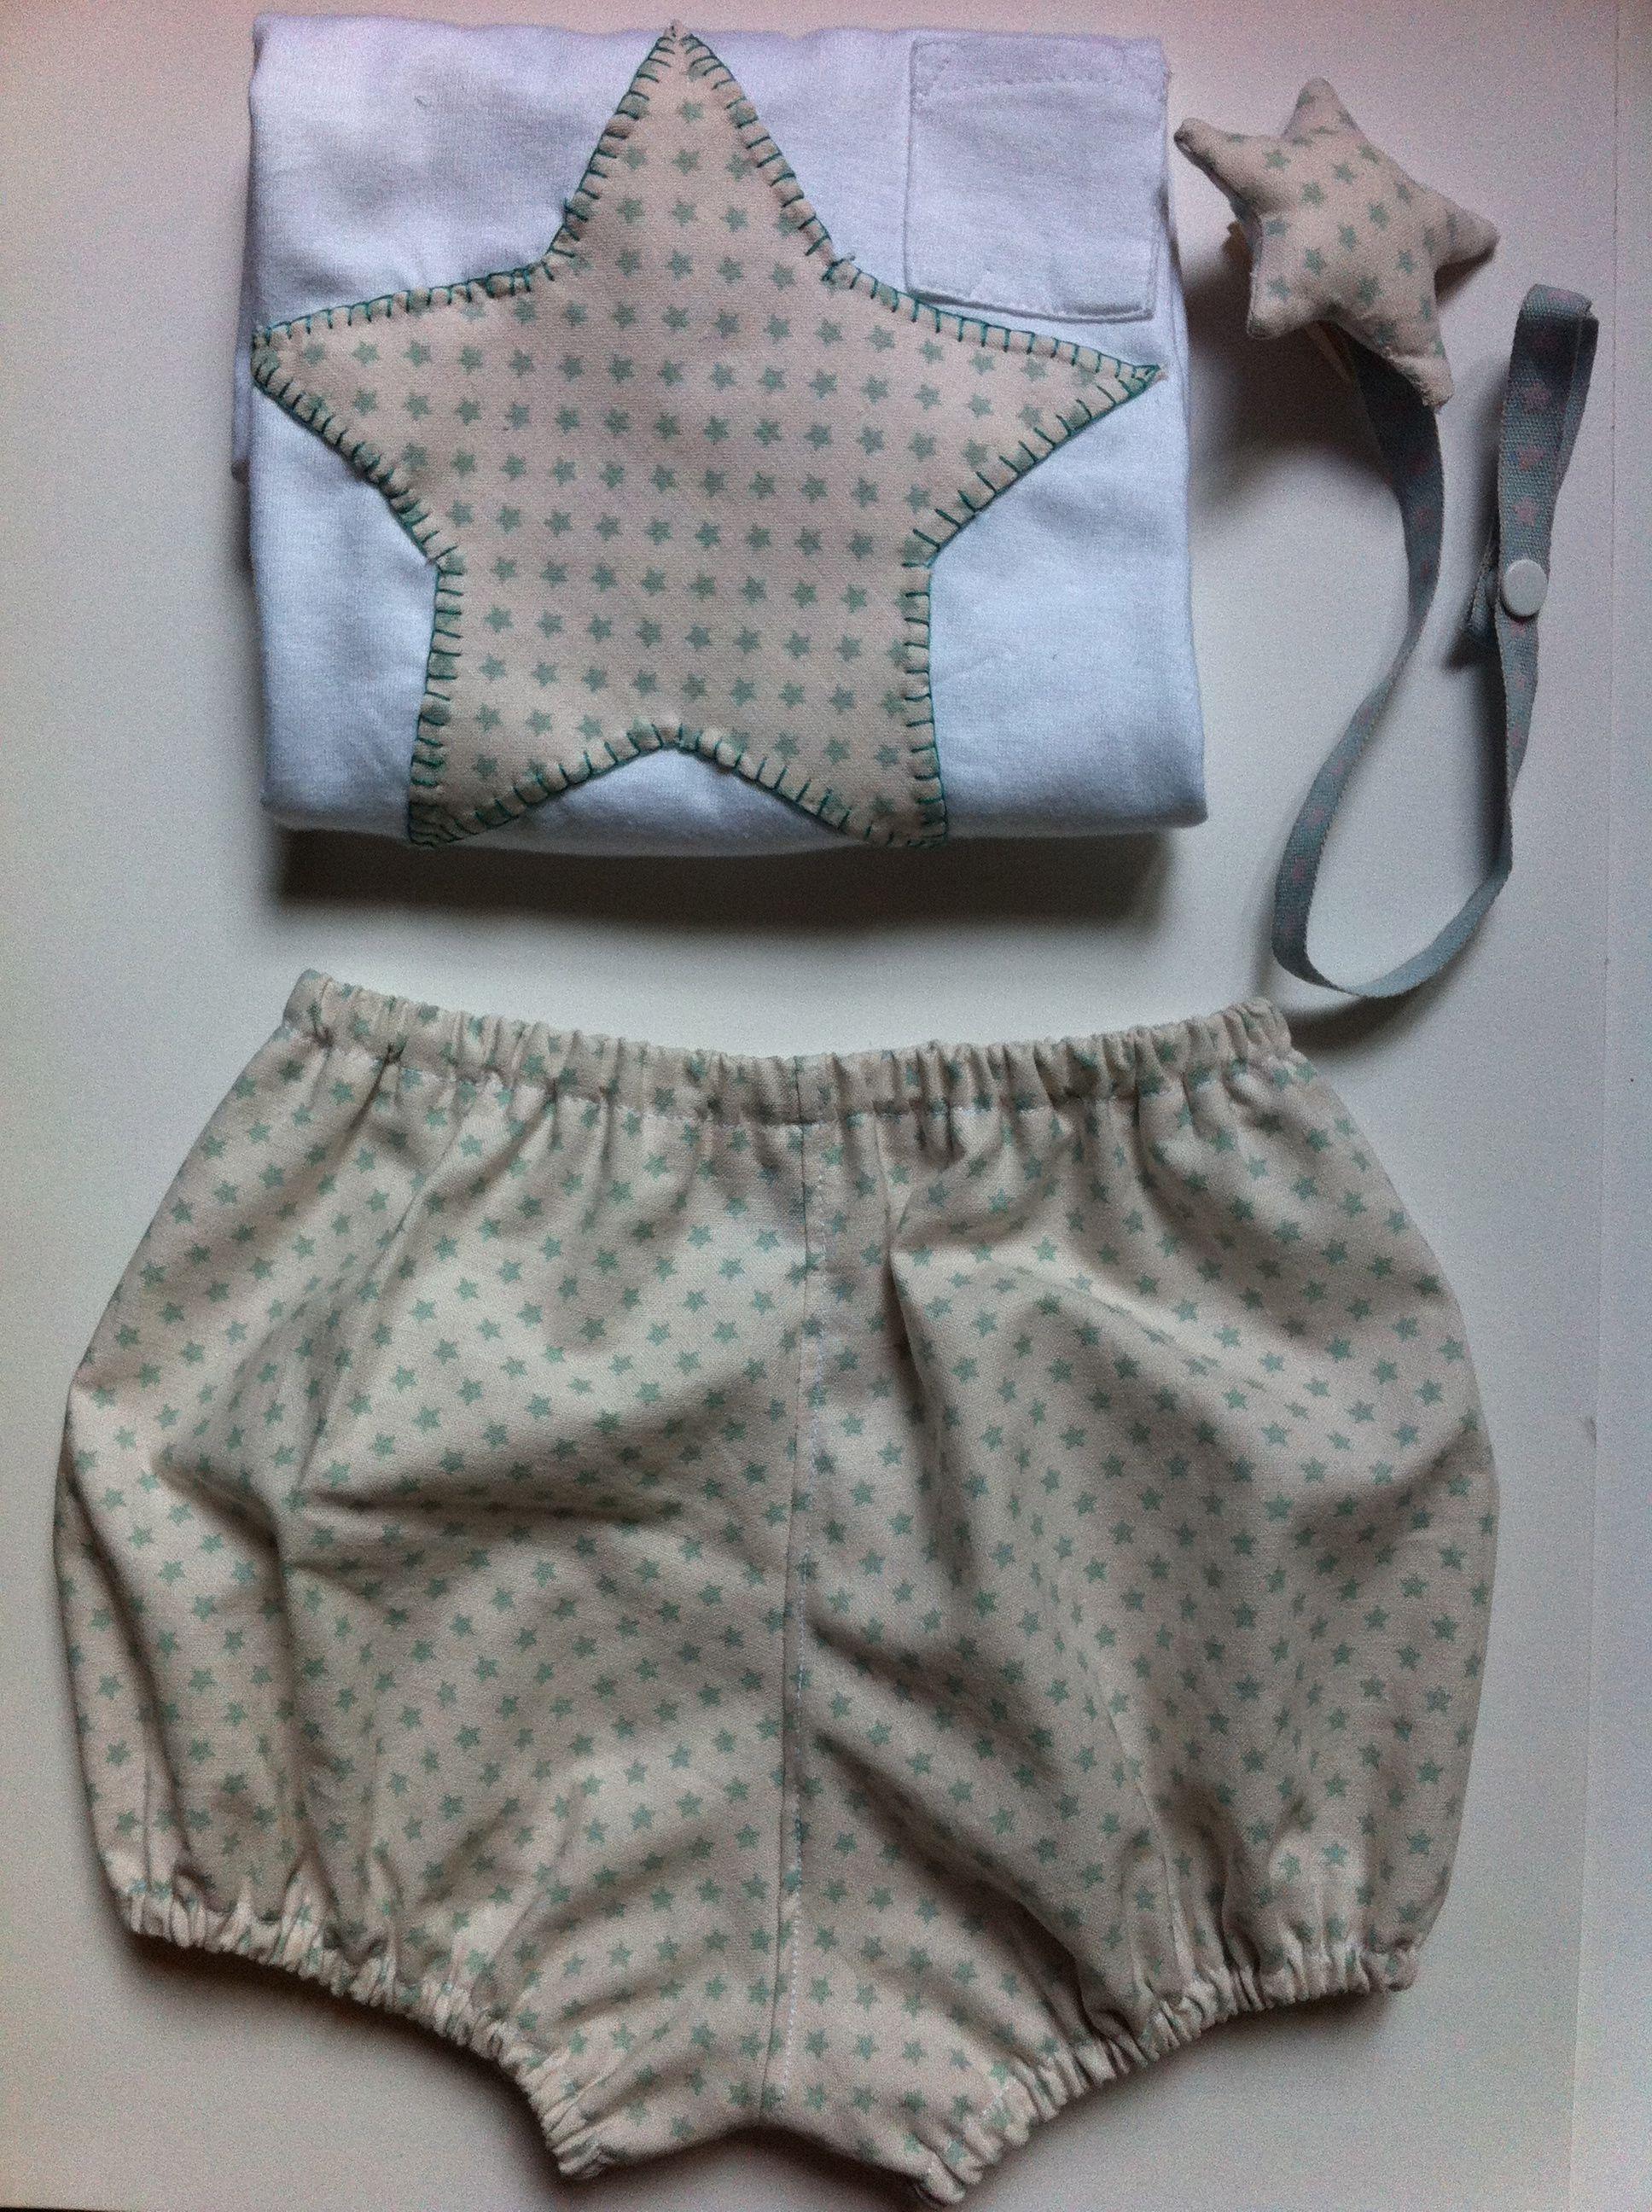 554c65d2a Camiseta con estrella y pantalones tipo ranita para niño o niña y chupetero  en forma de estrella a conjunto.